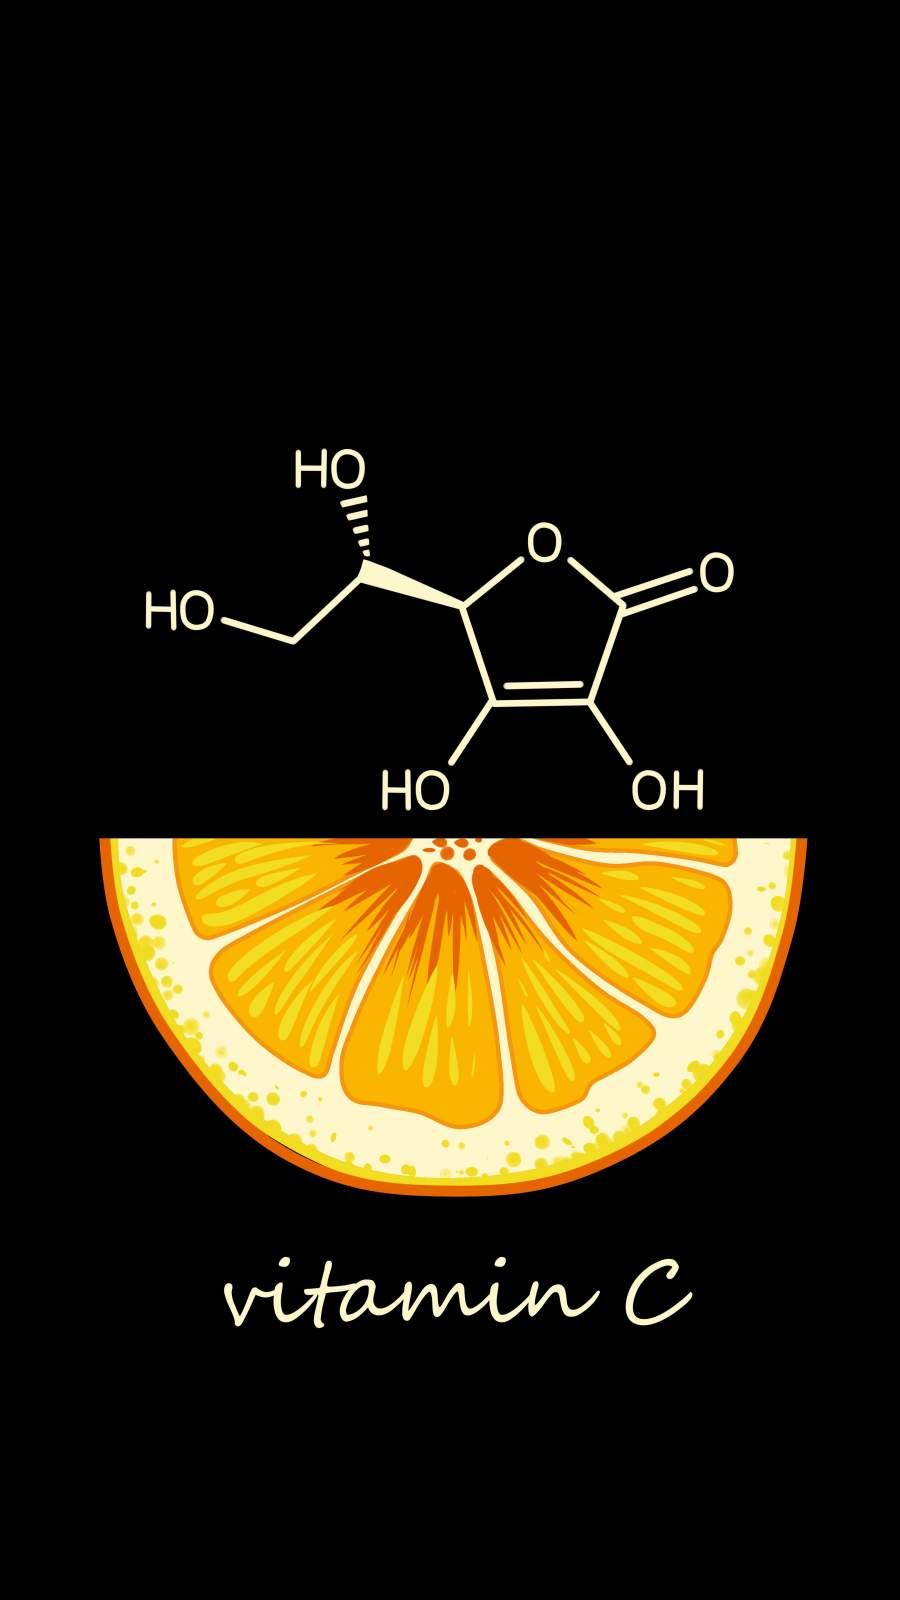 Vitamin C iPhone Wallpaper